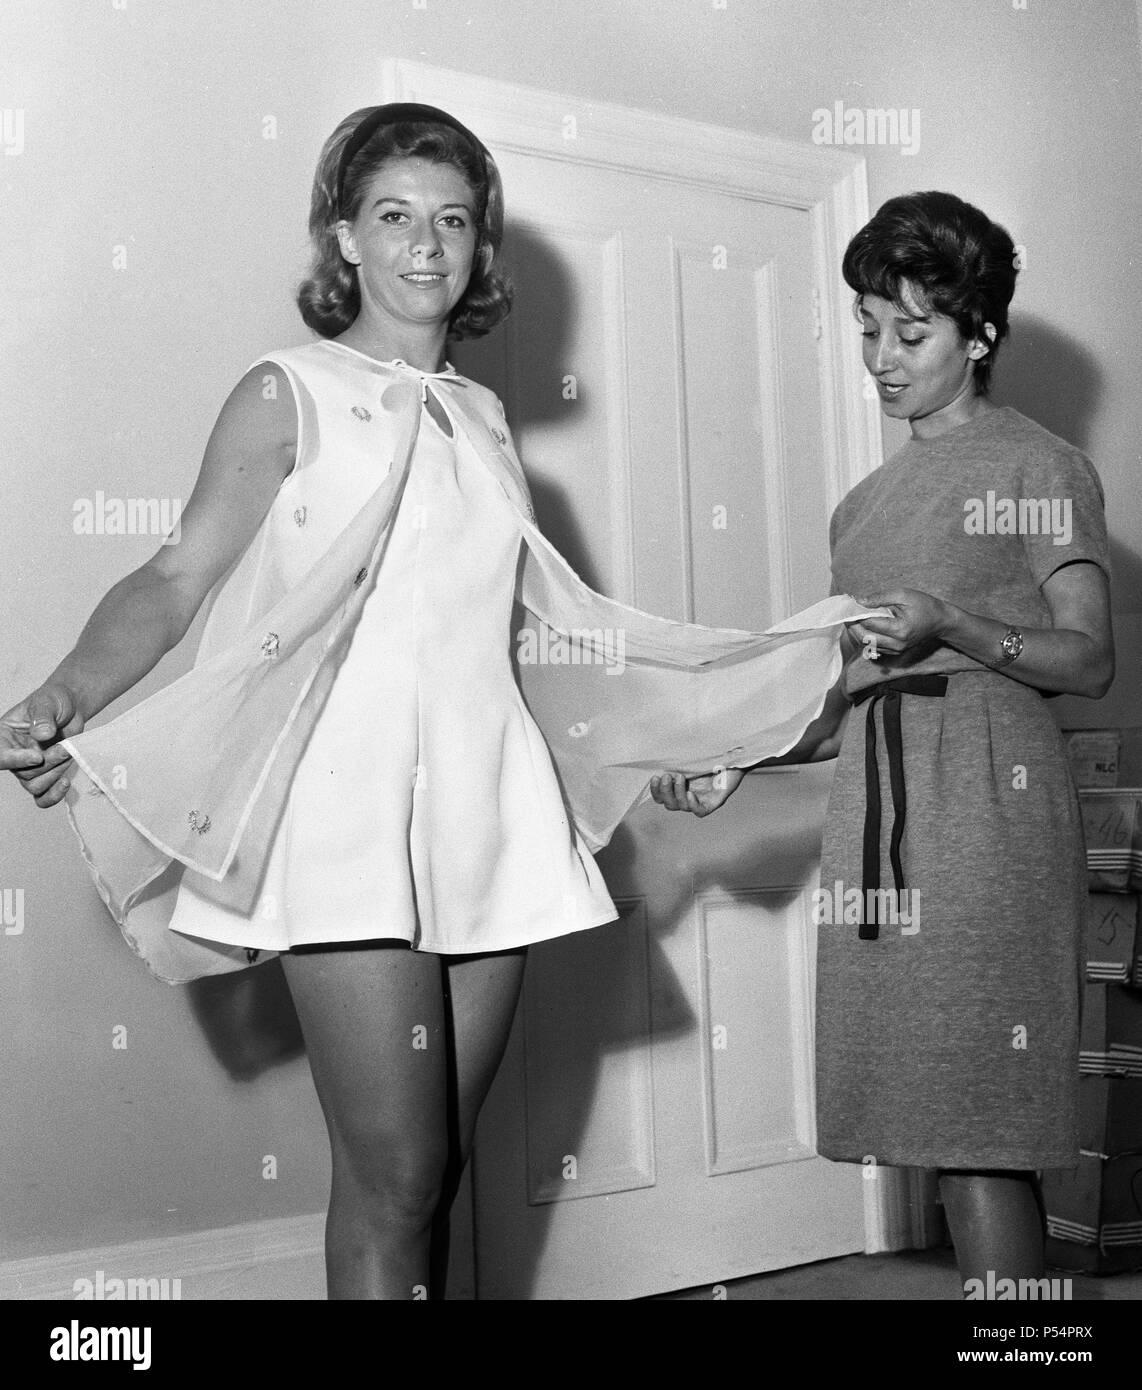 Vor Wimbledon Moden Fotoshooting. Lea Pericoli das Tragen einer Prinzessin  line Tennis Kleid in tricel mit Blütenblatt Aussparungen am Ausschnitt  gekrönt von einem Nylon organza cloack bestickt mit einer goldenen  Lorbeerkranz Motiv.